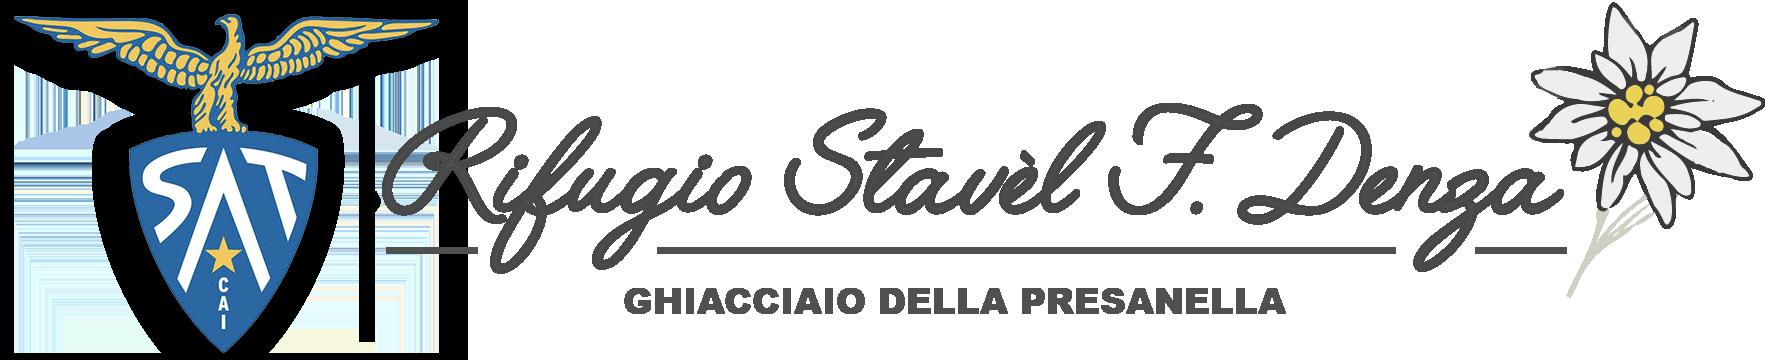 Rifugio Stavel Francesco Denza